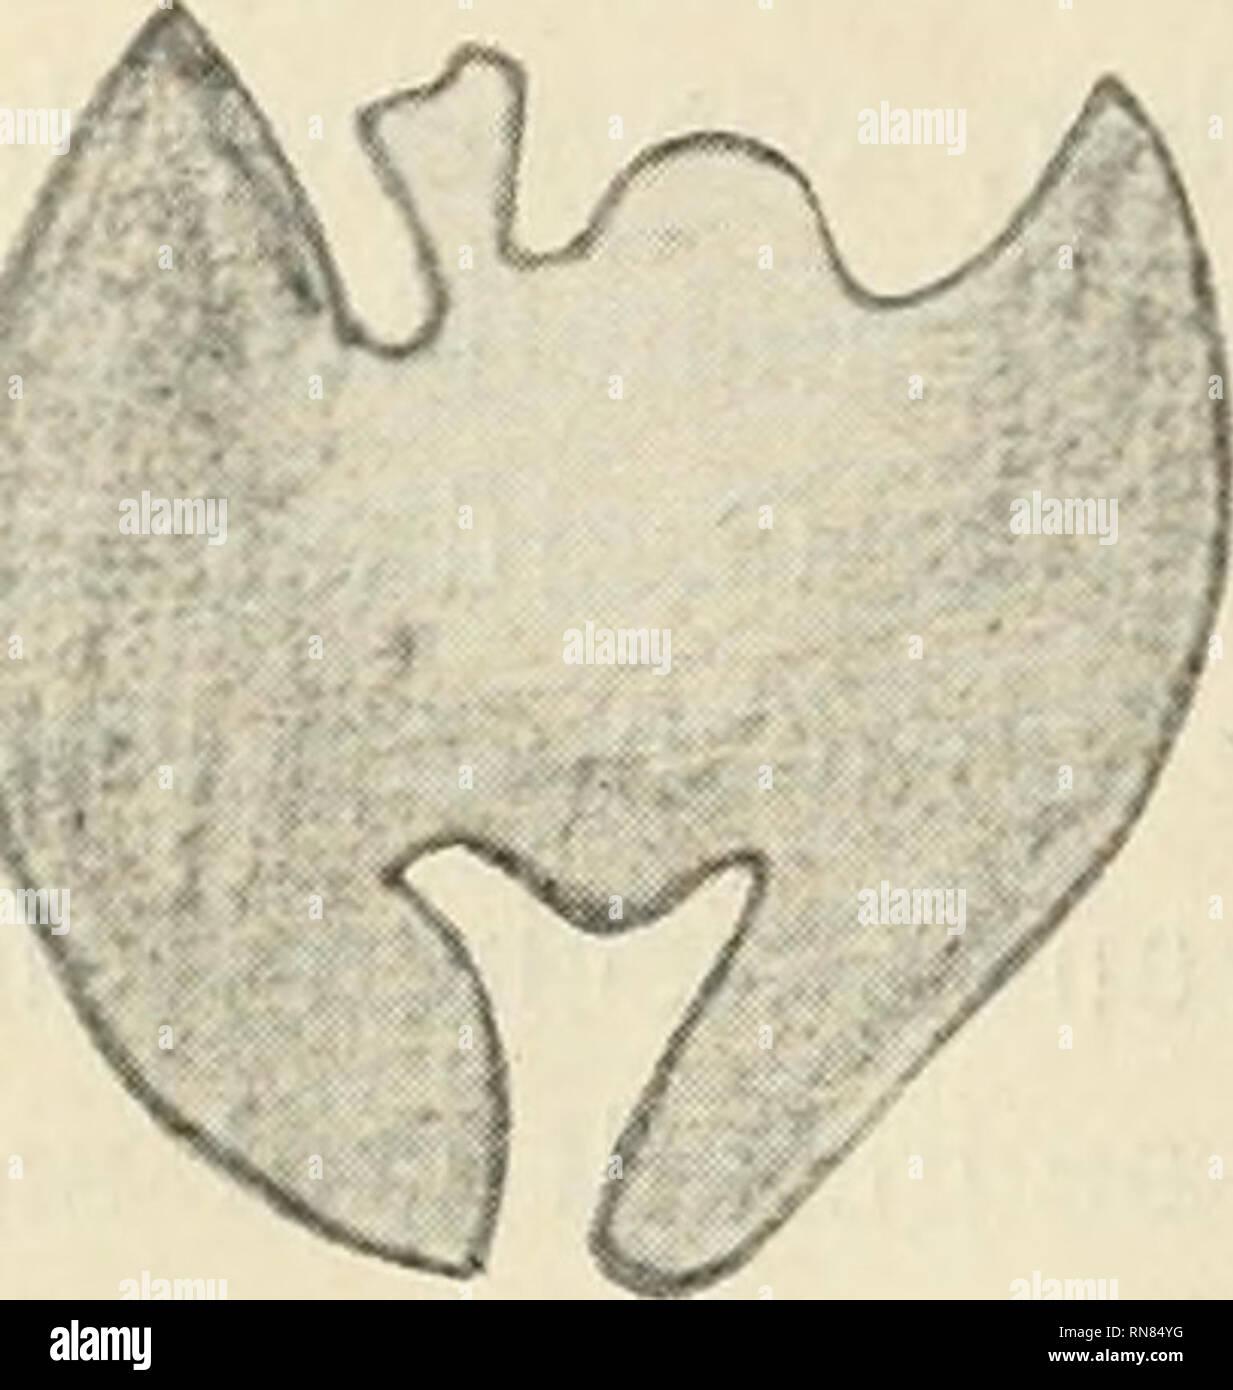 . Anatomischer Anzeiger. Anatomy, Comparative; Anatomy, Comparative. 304. Fig. 9. mittleren Höhe durch eine kompakte Brücke verbunden sind und hier- durch unten für eine mit 2 Spitzen ins Knocheninnere vordringende Fissura bisupraoccipitalis Raum lassen. Ueber der Knochenbrücke liegt durchsichtigeres Gewebe, das dorsal mehrere Vorsprünge hat. In 1^2 mm Entfernung liegt das zweiteilige Interparietale in Form von zwei sich in der Medianlinie be- rührenden Parallelogrammen, deren längere Dia- gonalen parallel der Sagittalebene verlaufen. Die Entstehung dieses Occipitale superius erkläre ich mir a Stock Photo